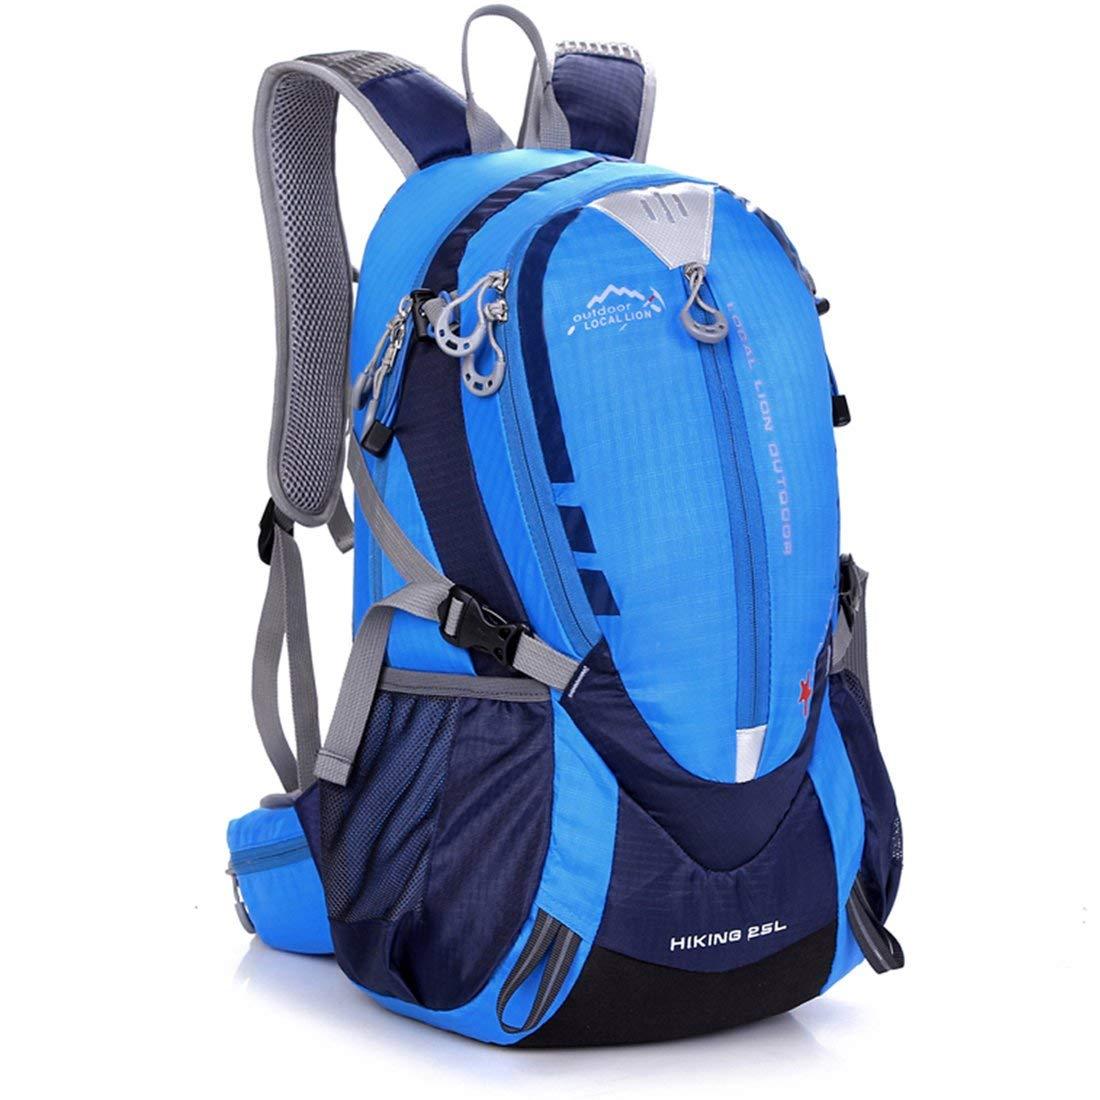 Formulaone 25L Outdoor Mountaineering Backpack Hiking Camping Nylon Impermeable Ergonomic Design Bolsas de Hombro con Cinturón cinturón Cintura cinturón